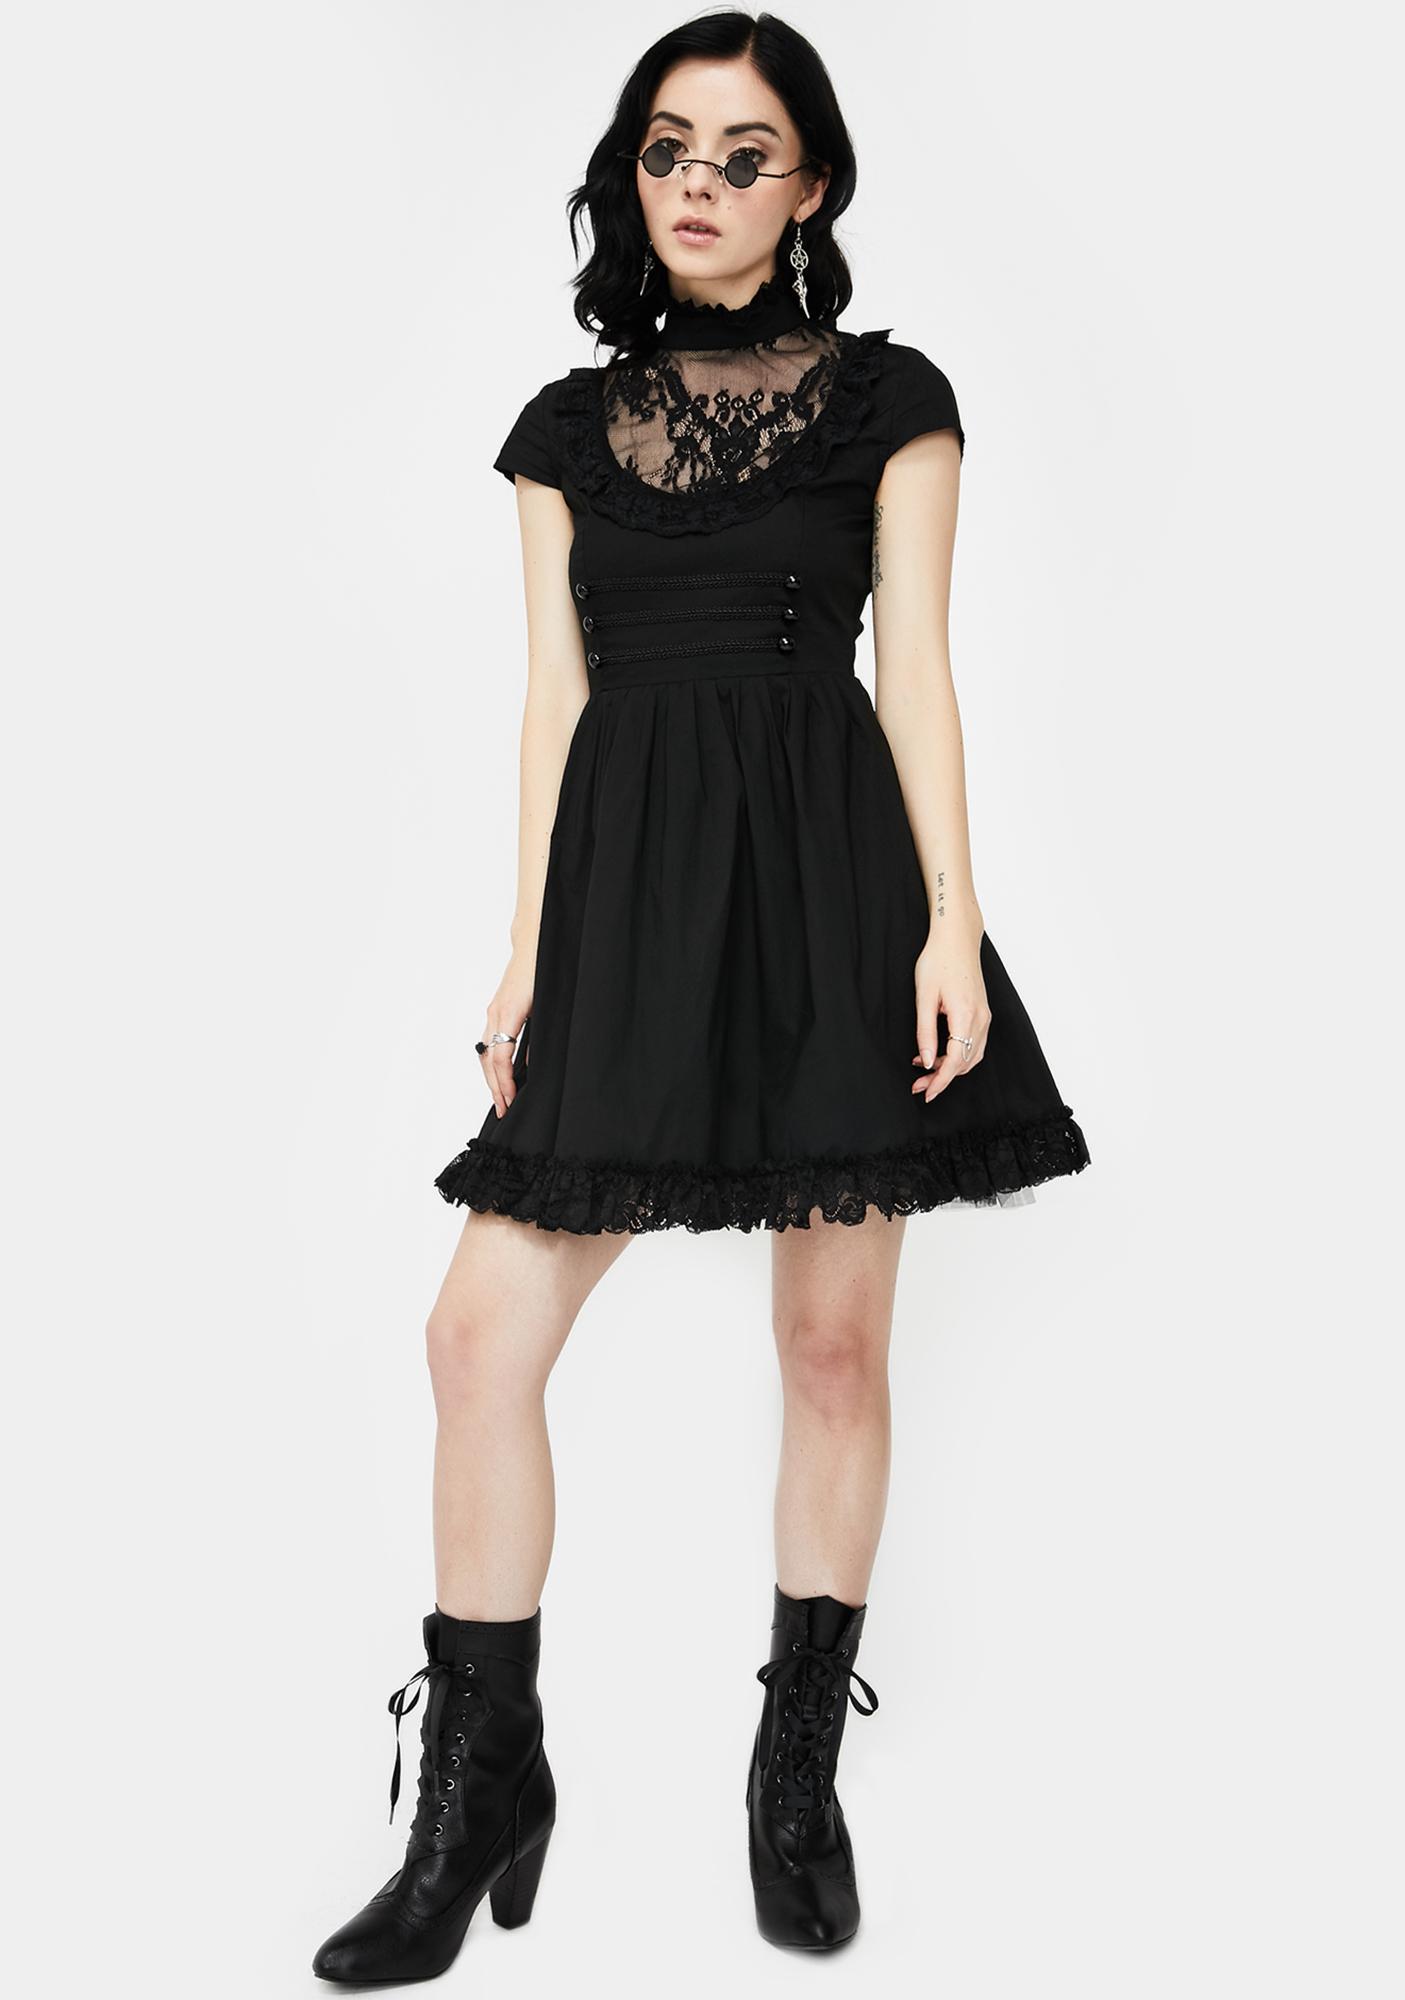 Killstar Death March Mini Dress